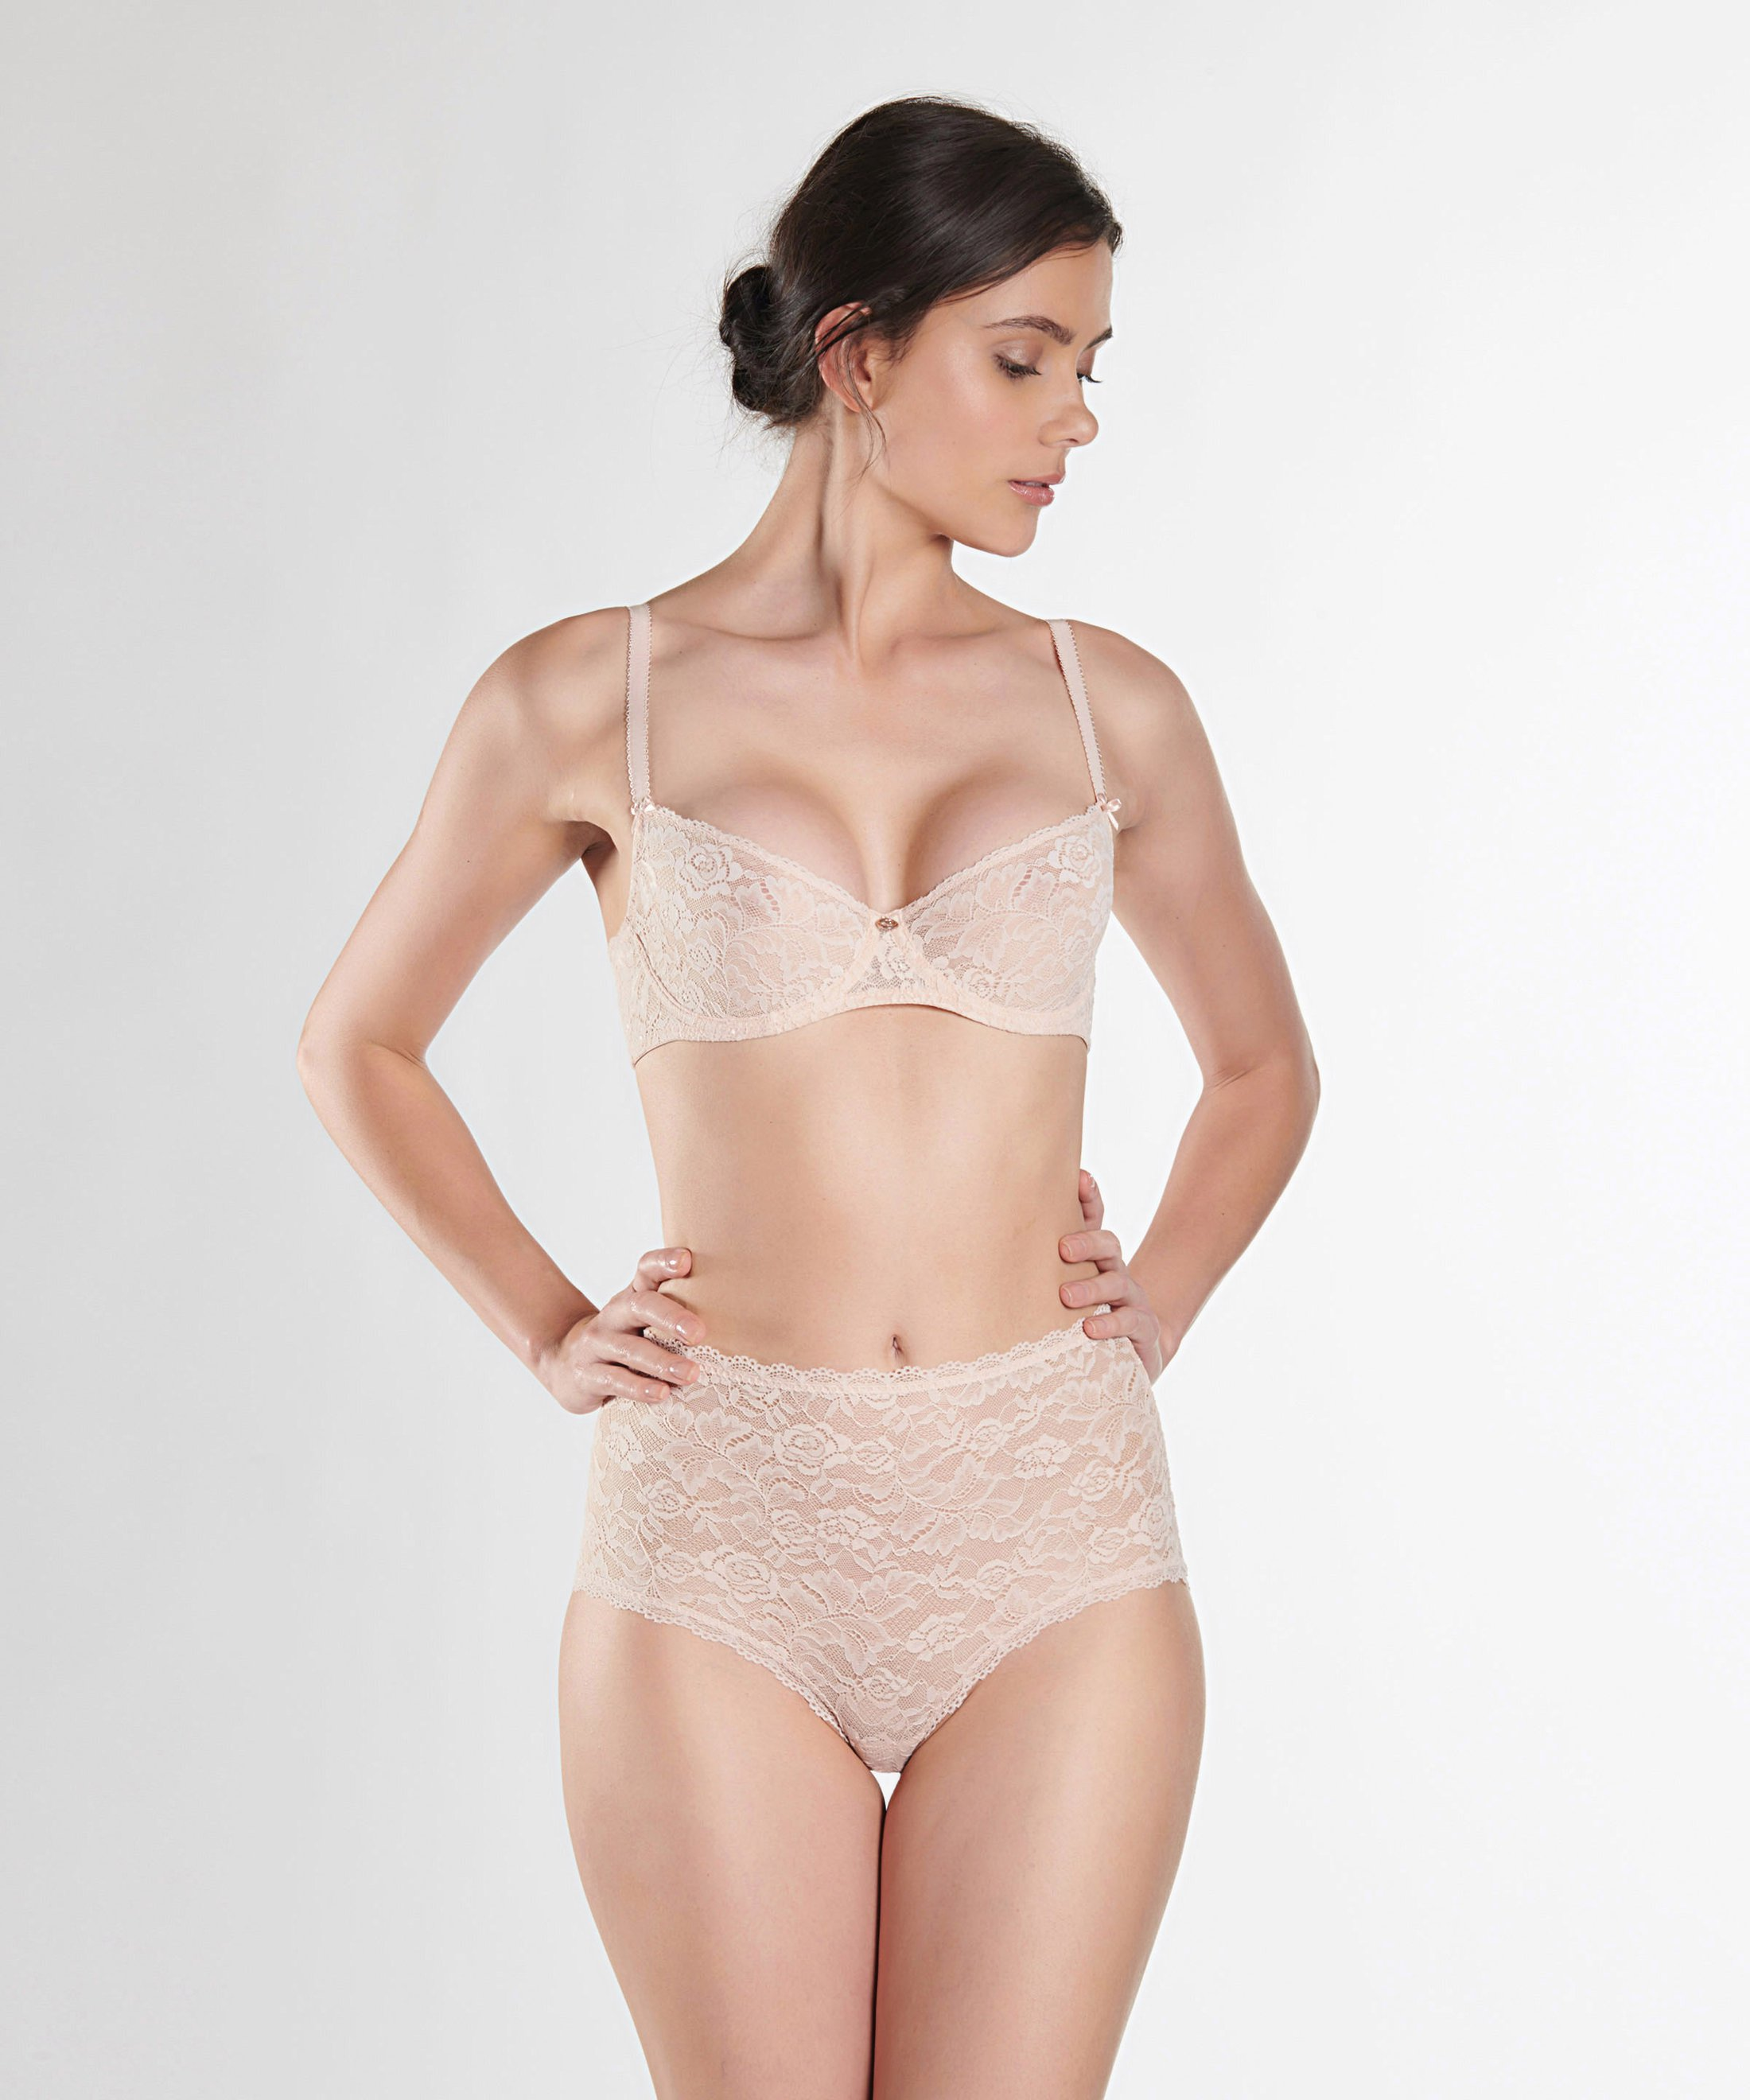 ROSESSENCE Culotte taille haute Nude d'Été | Aubade